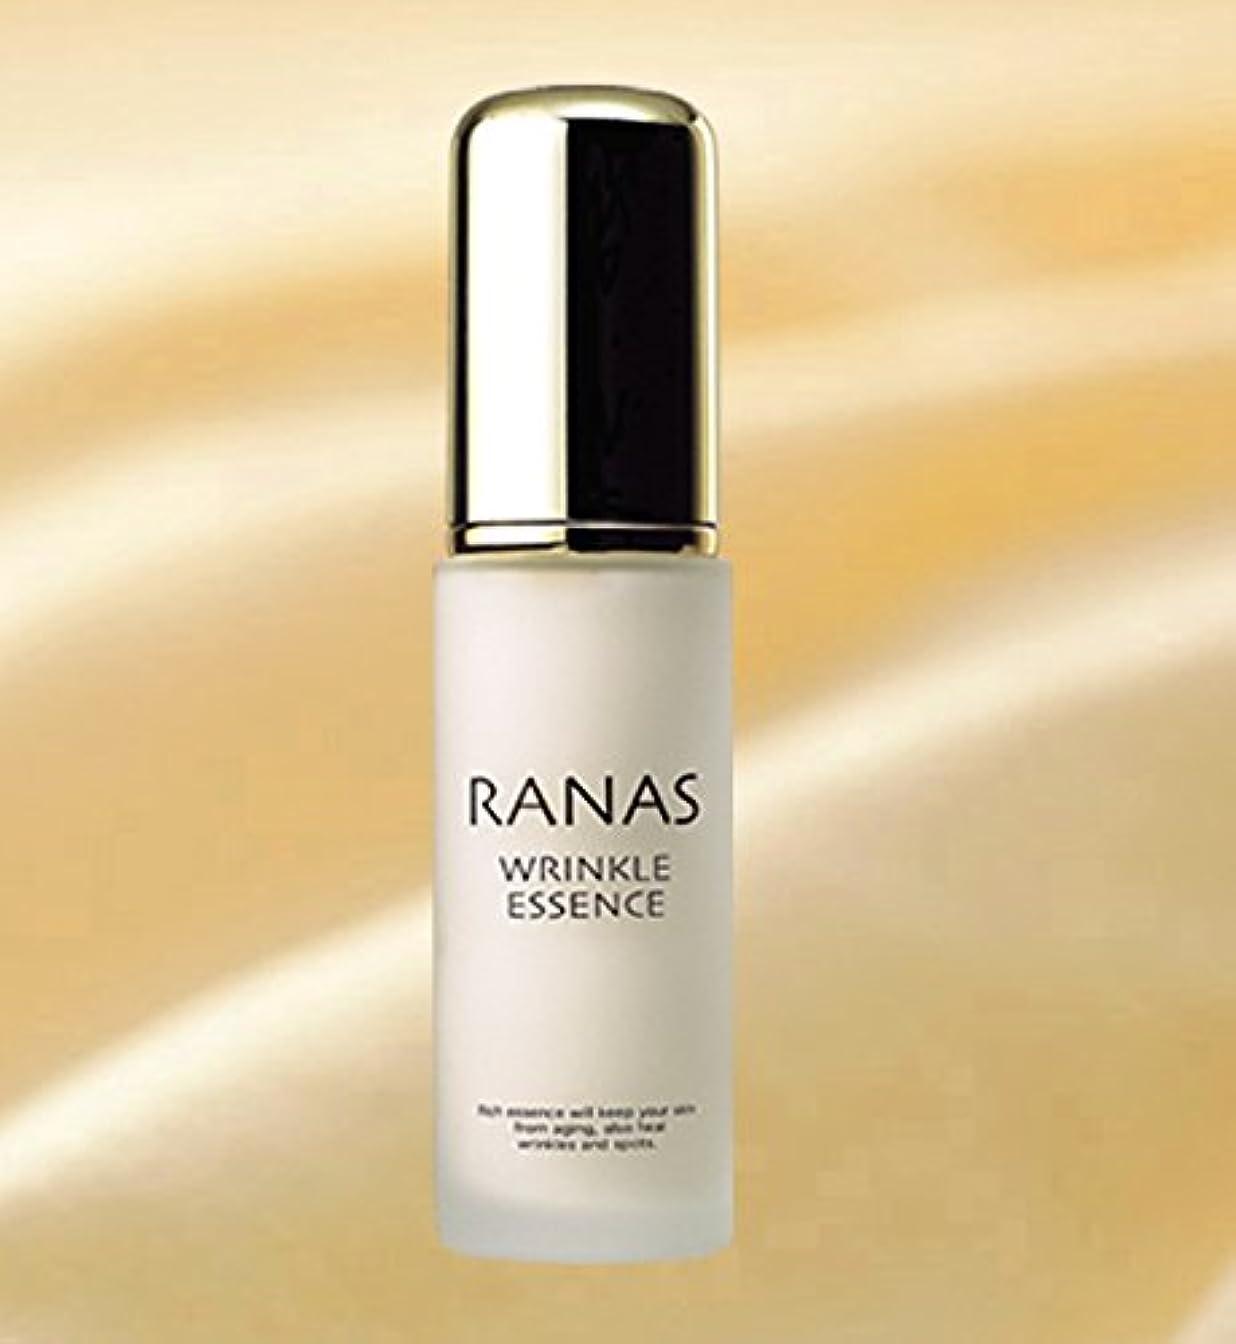 騙すシャープ休憩ラナス スペシャル リンクルエッセンス (30ml) Ranas Special Wrinkle Essence (Beauty Essence)